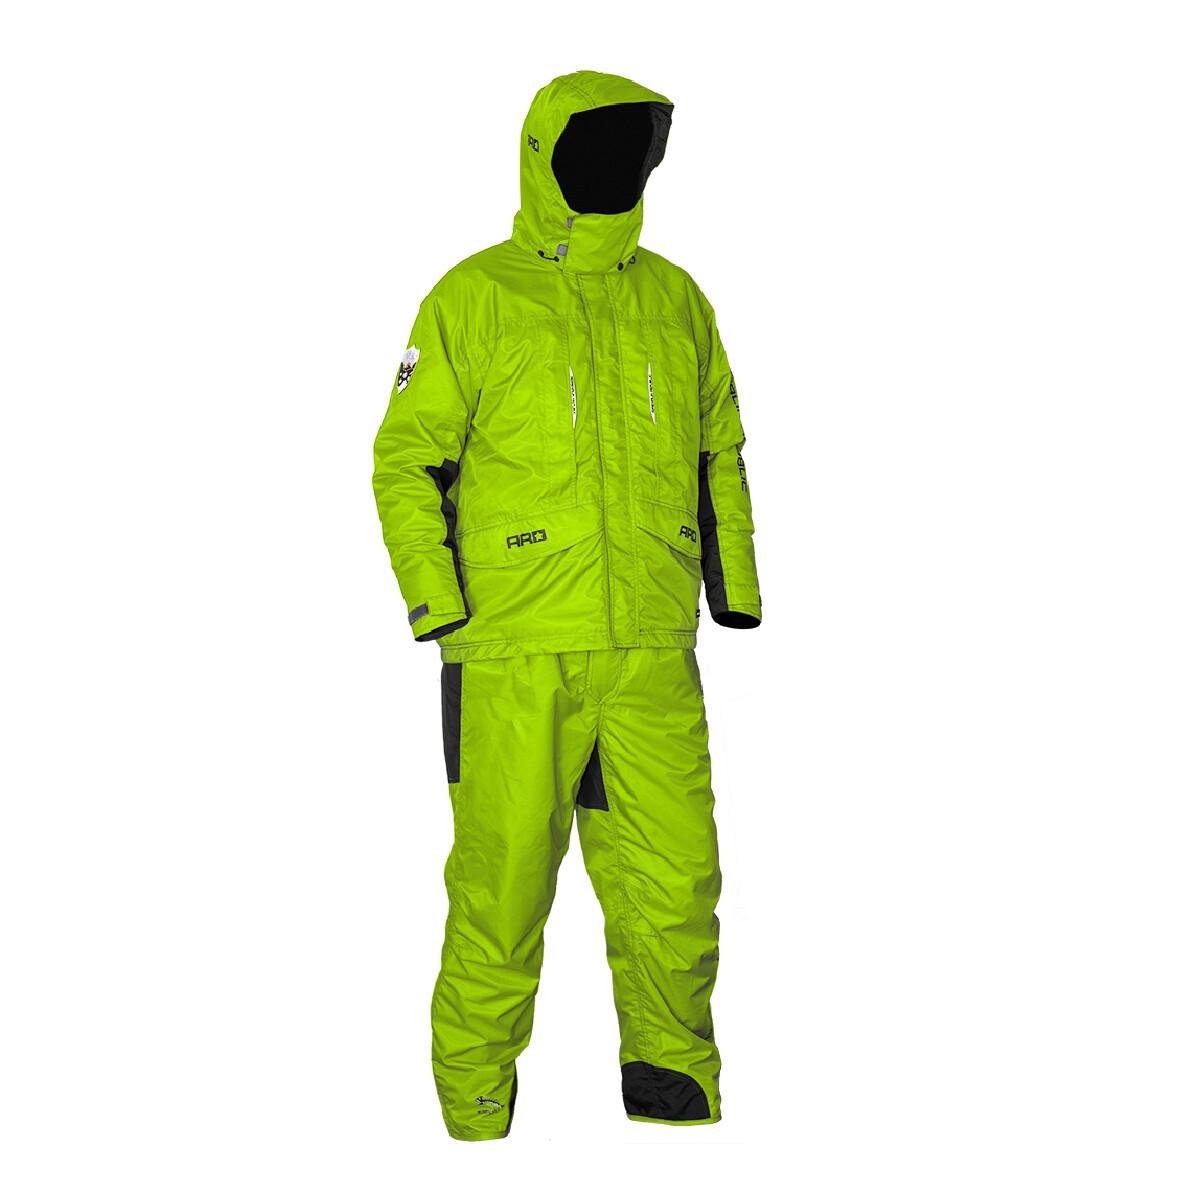 Костюм Adrenalin Republic JAM, 2in1 демисезонный, цвет светло-зеленый